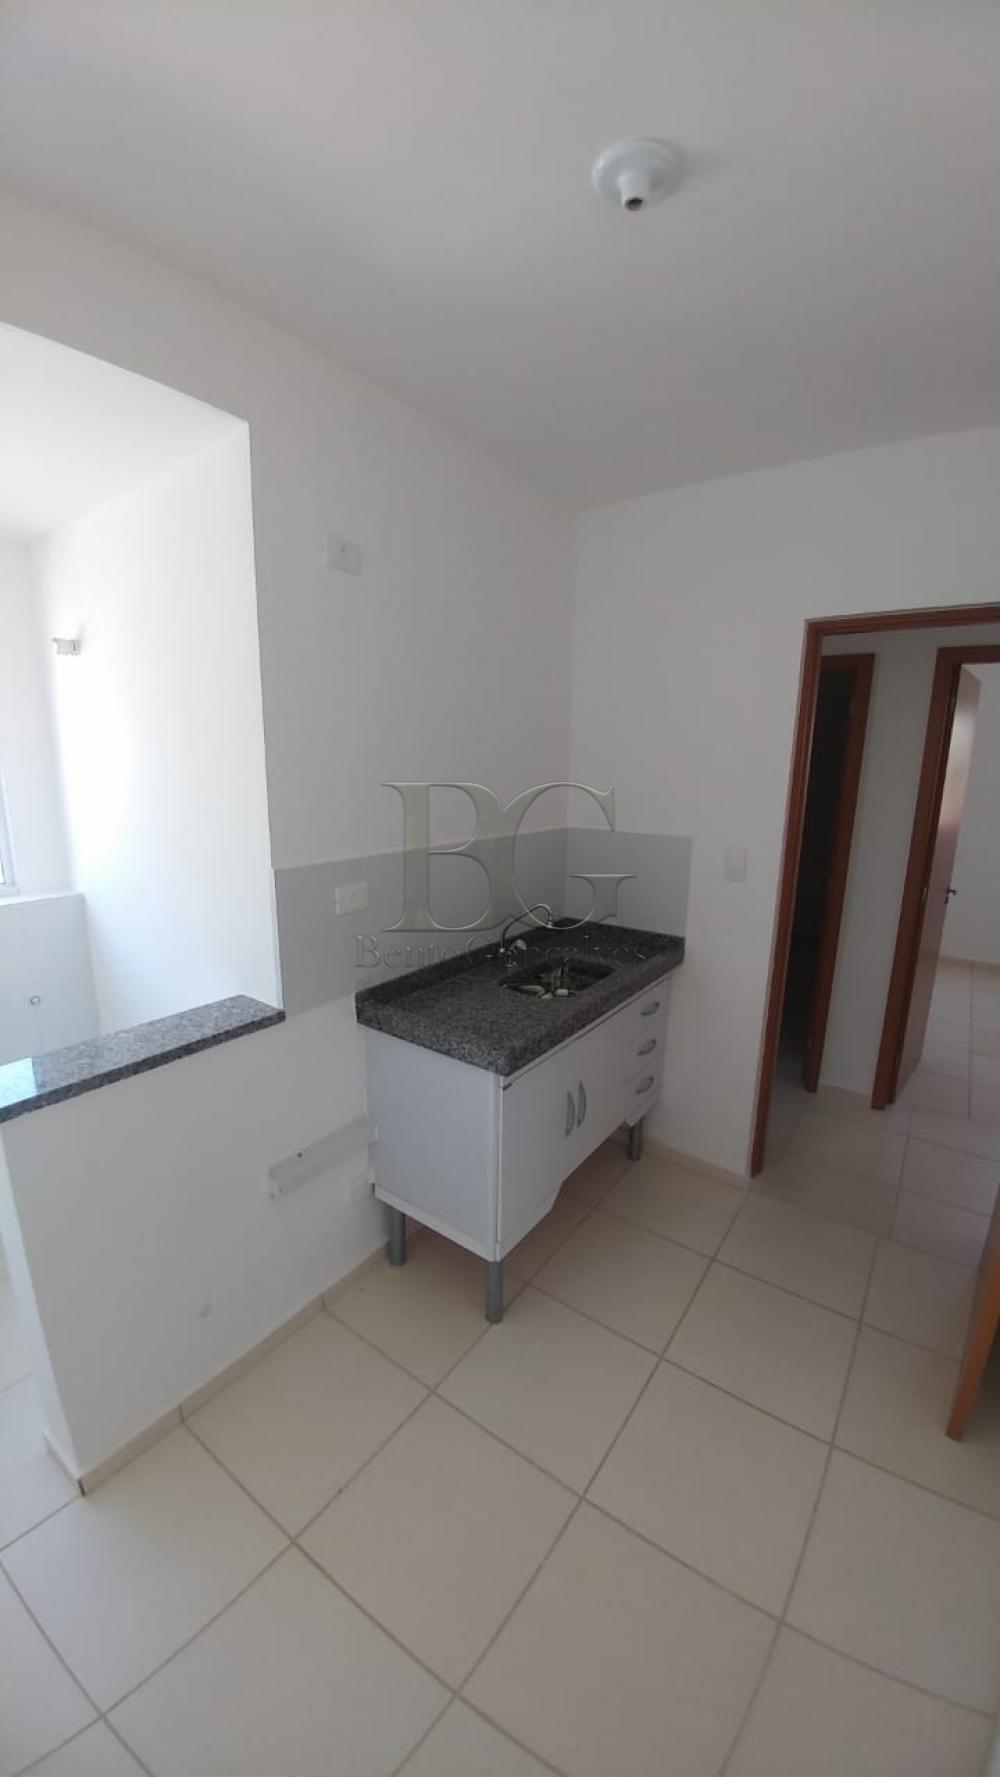 Comprar Apartamentos / Padrão em Poços de Caldas apenas R$ 159.900,00 - Foto 5